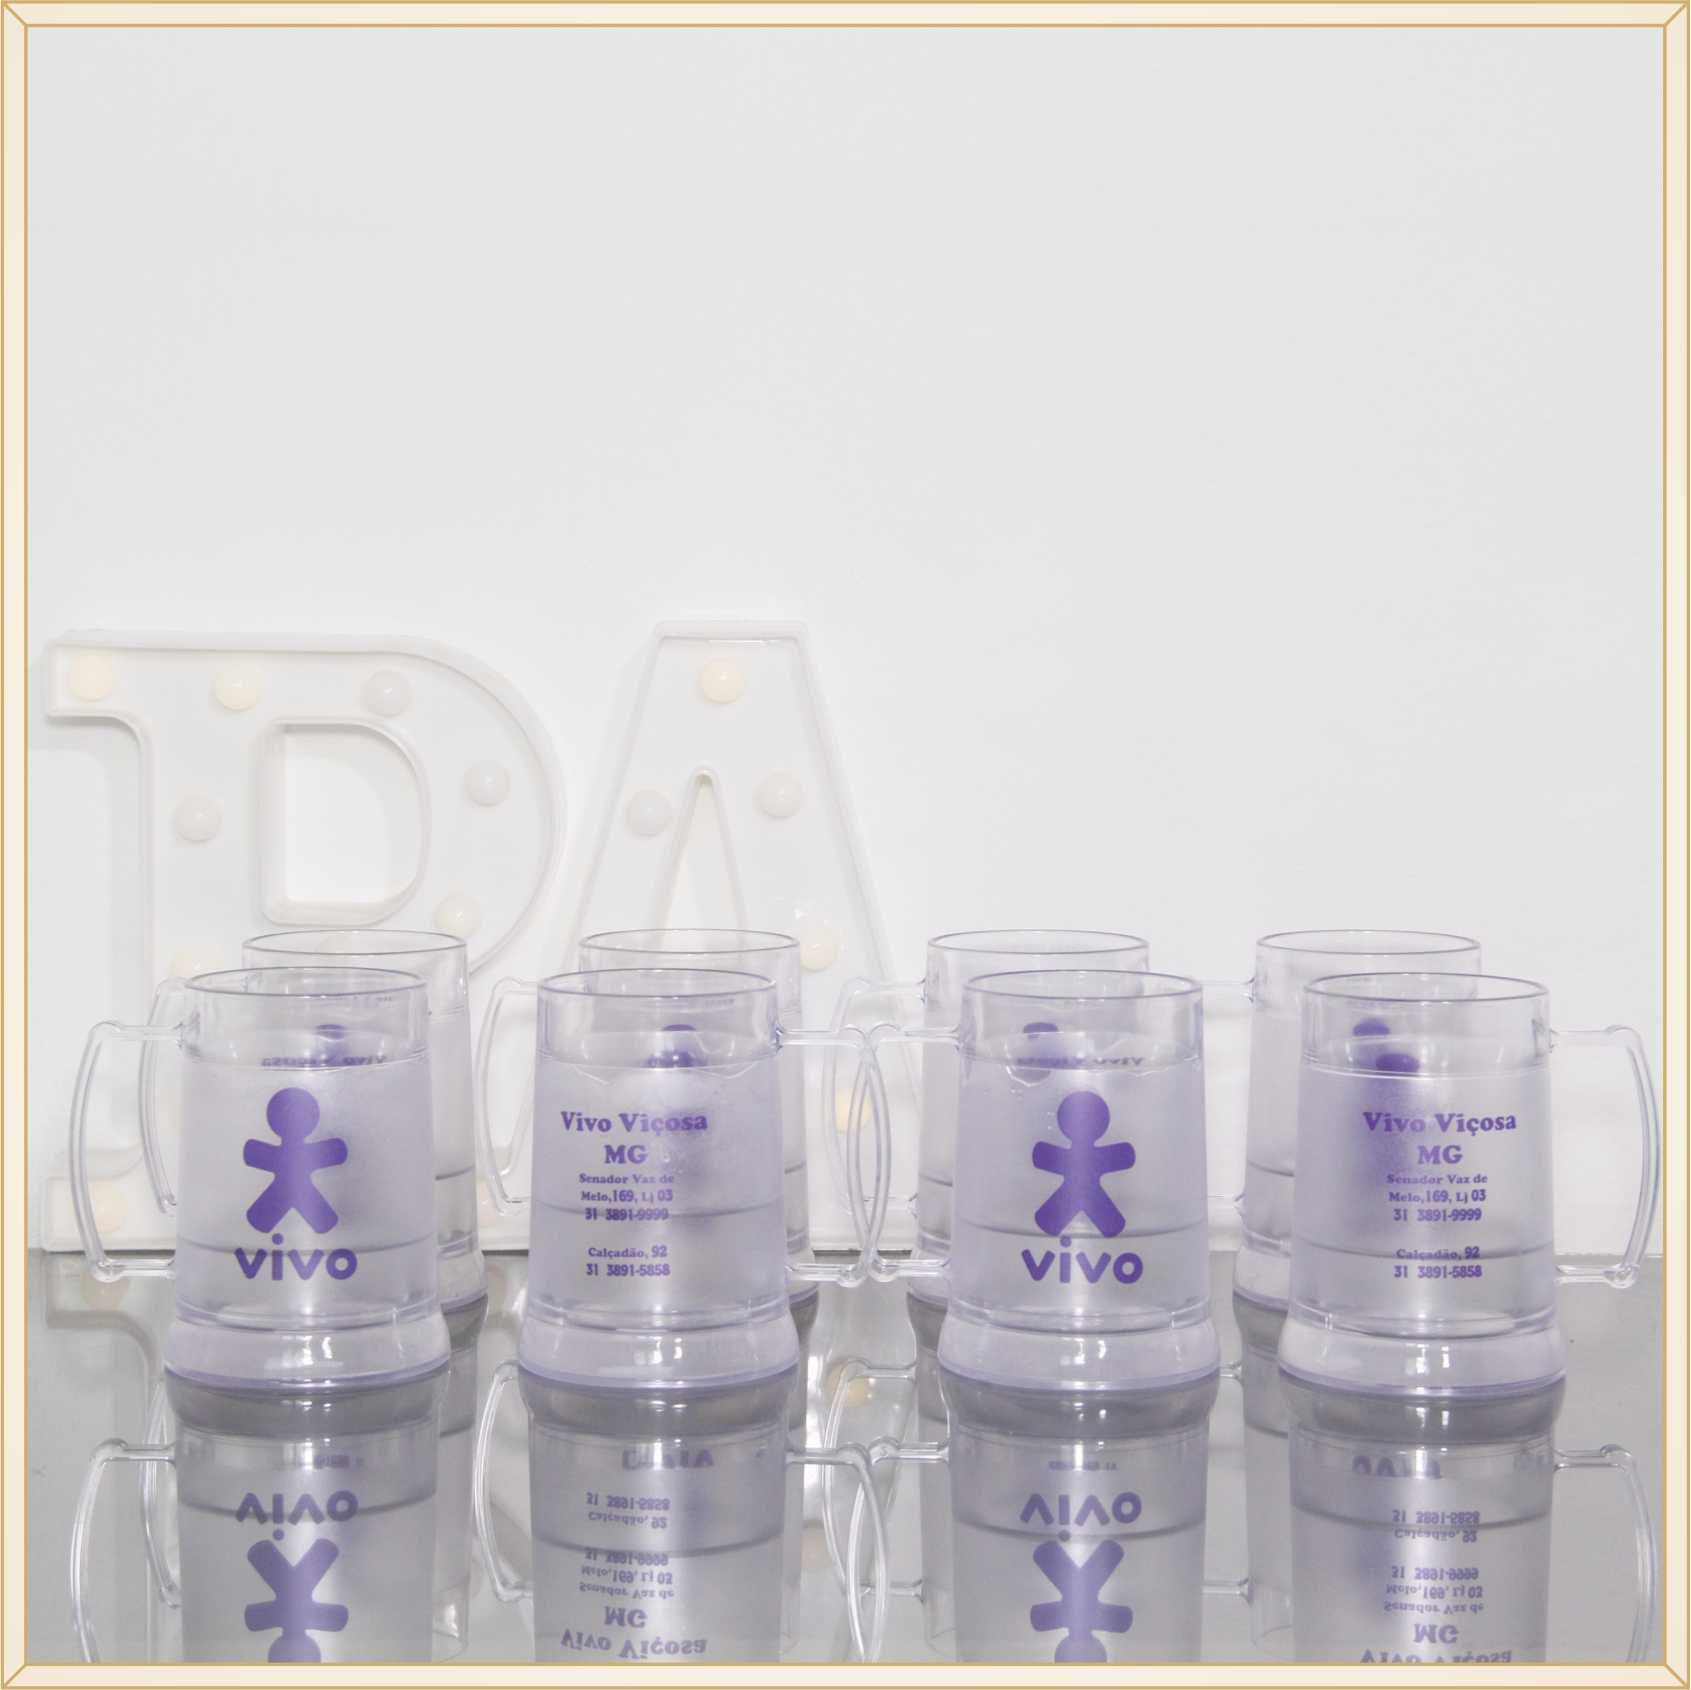 1149513a2 ... 10 Canecas de acrílico gel congelante para brindes empresariais  personalizados para feiras e eventos corporativos -